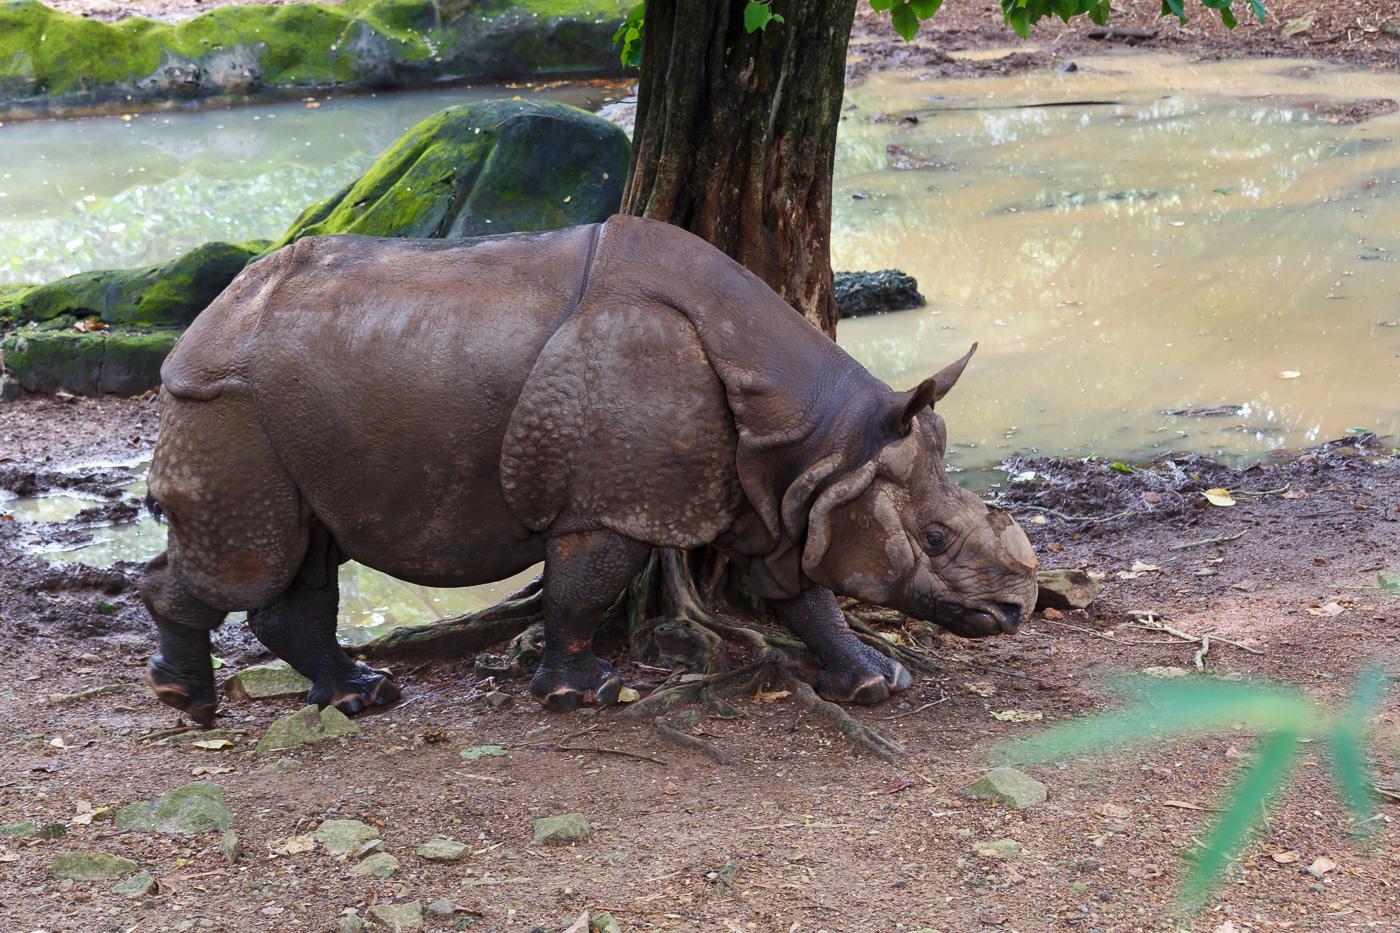 Фото 26. Носорог, да без рога. Какие достопримечательности посмотреть в Керале? Только не зоопарк Тируванантапурама (Canon EF 70-200 f/ 4L IS USM; 1/100; -1; 6.3; 640; 93).